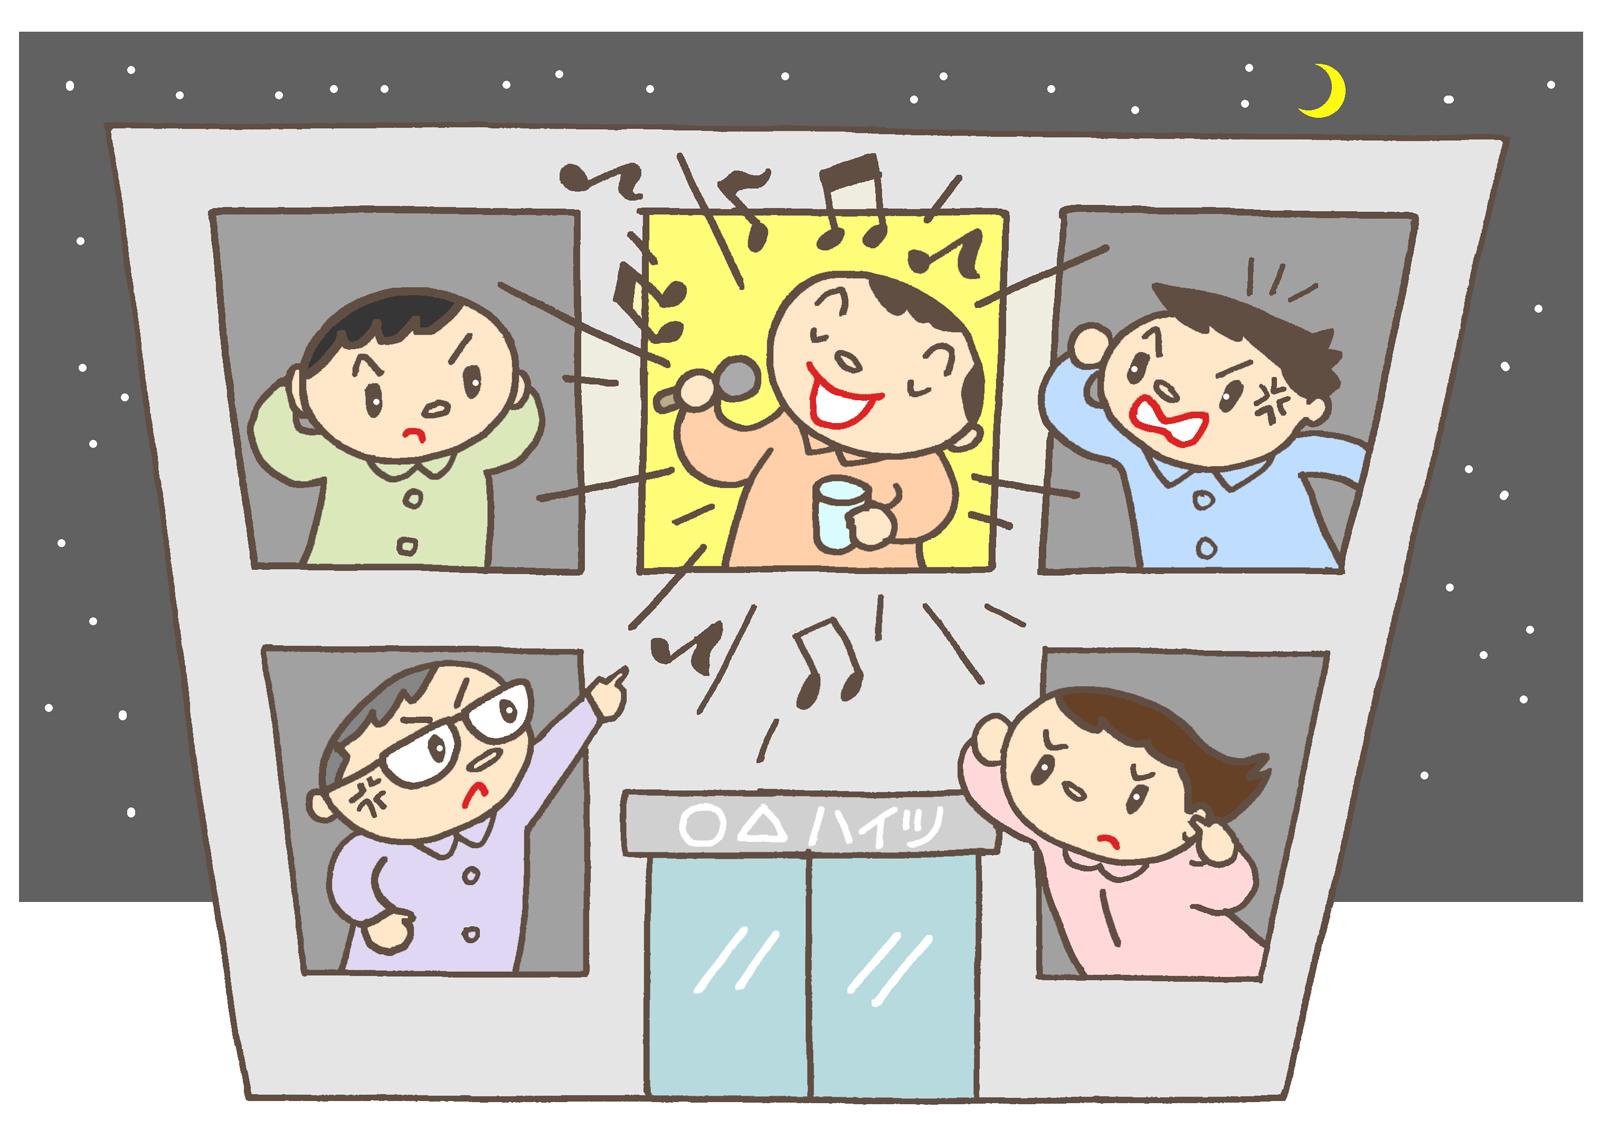 深夜の騒音は警察を呼ぶ方がいいの?騒音で悩んだ時の対処方法